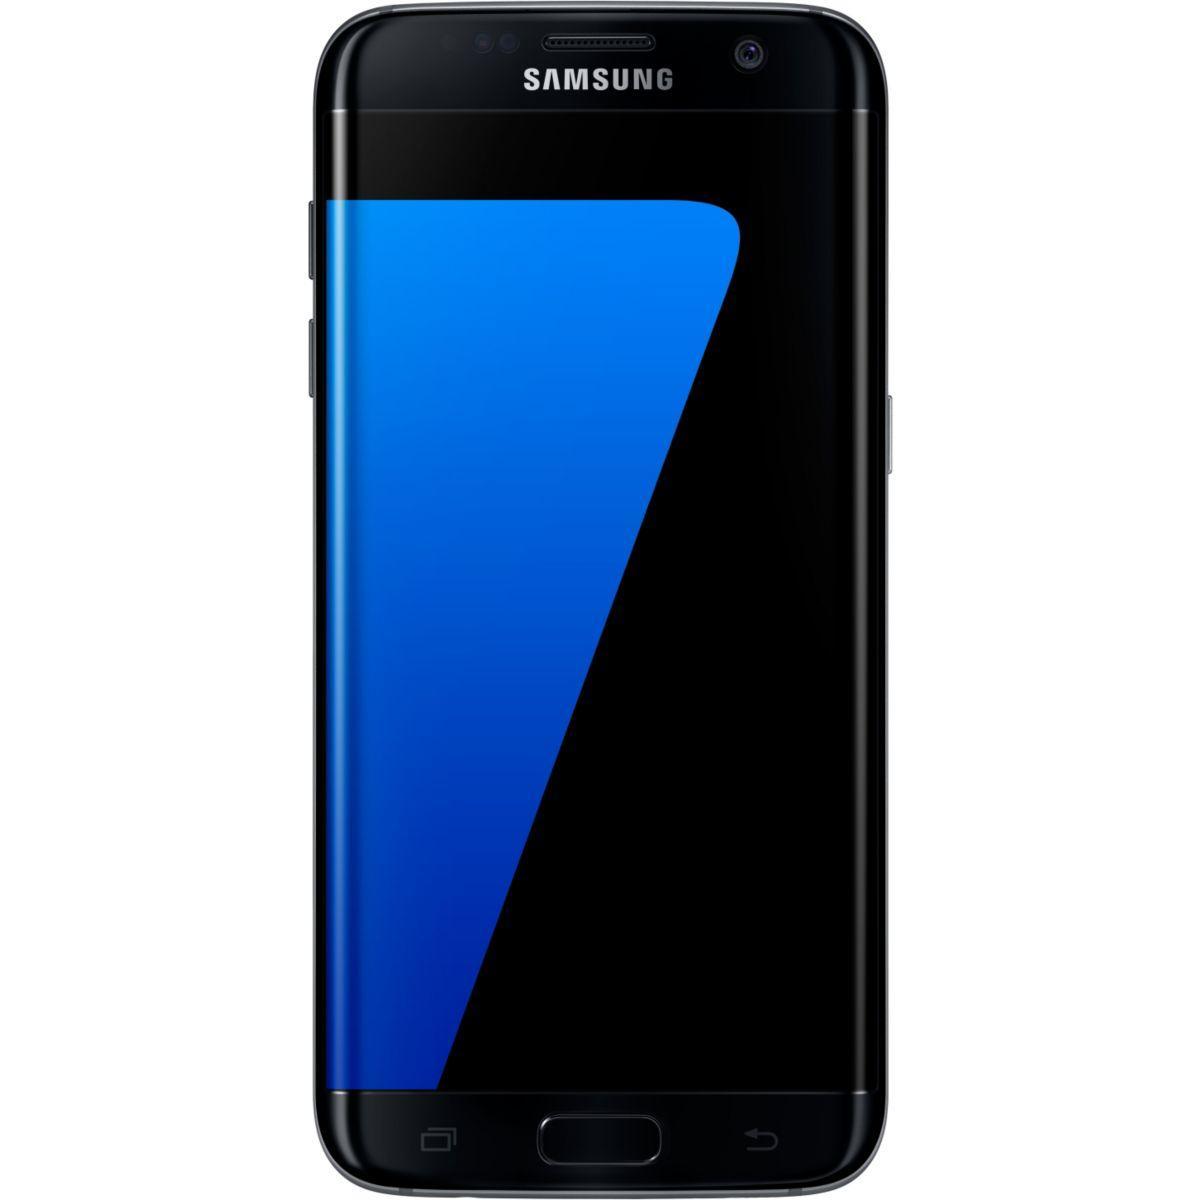 Pack promo samsung galaxy s7 edge 32 go noir + chargeur samsung pad induction stand noir - soldes et bonnes affaires à prix imbattables